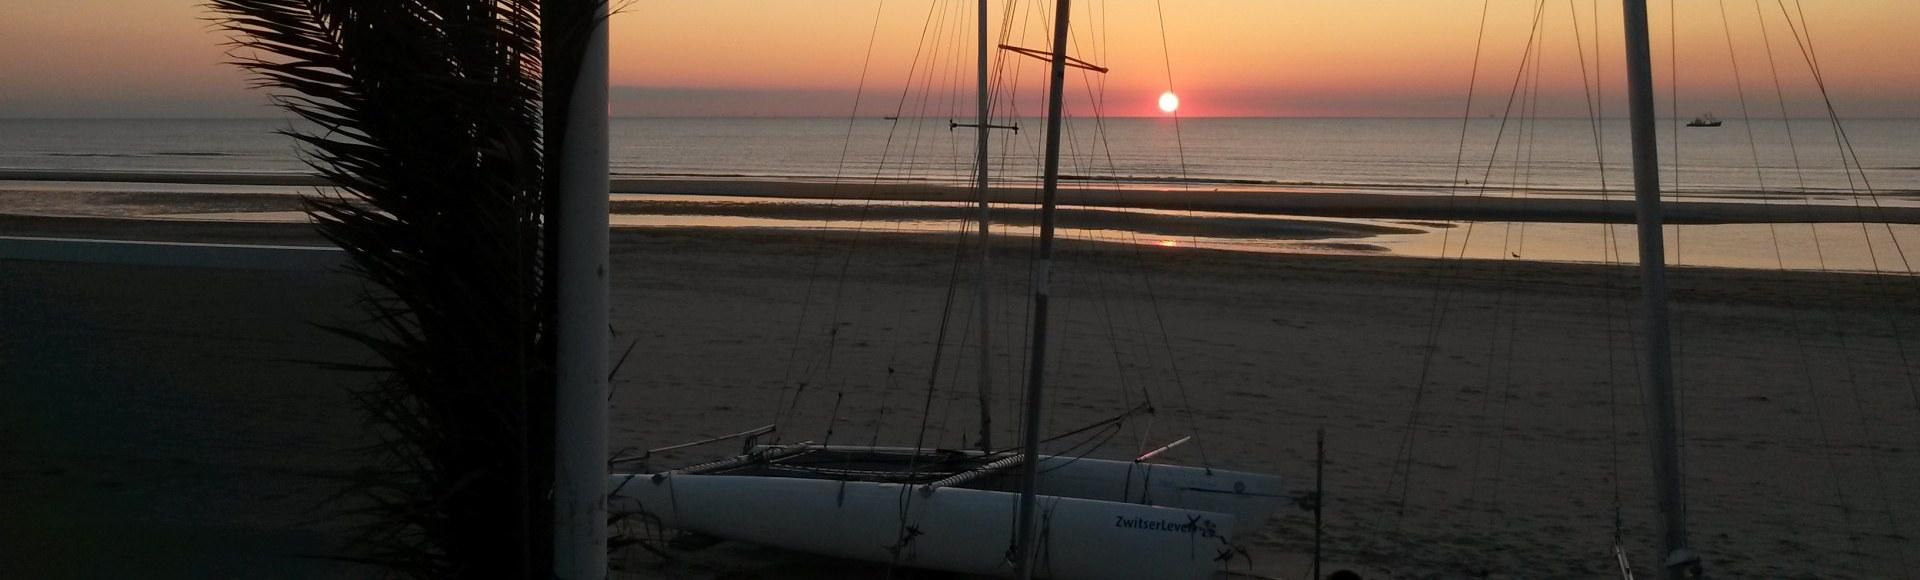 Catamaran stalling